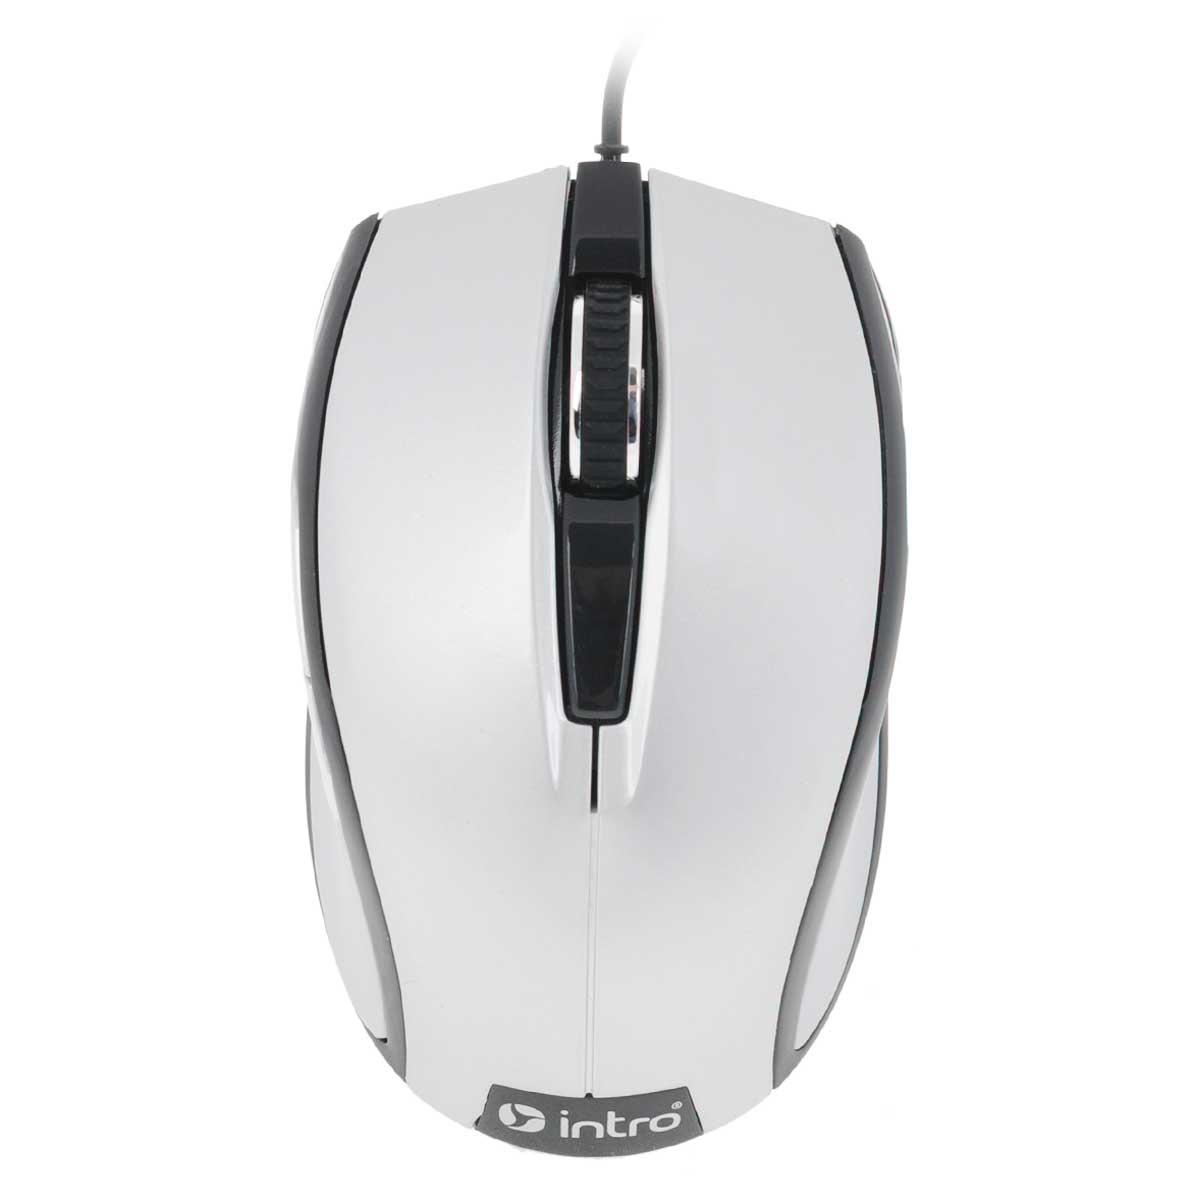 Intro MU104, Silver мышьMU104Стильная проводная мышь Intro MU104 обладает эргономичным дизайном и отлично подходит как для игр, так и для работы в офисе.